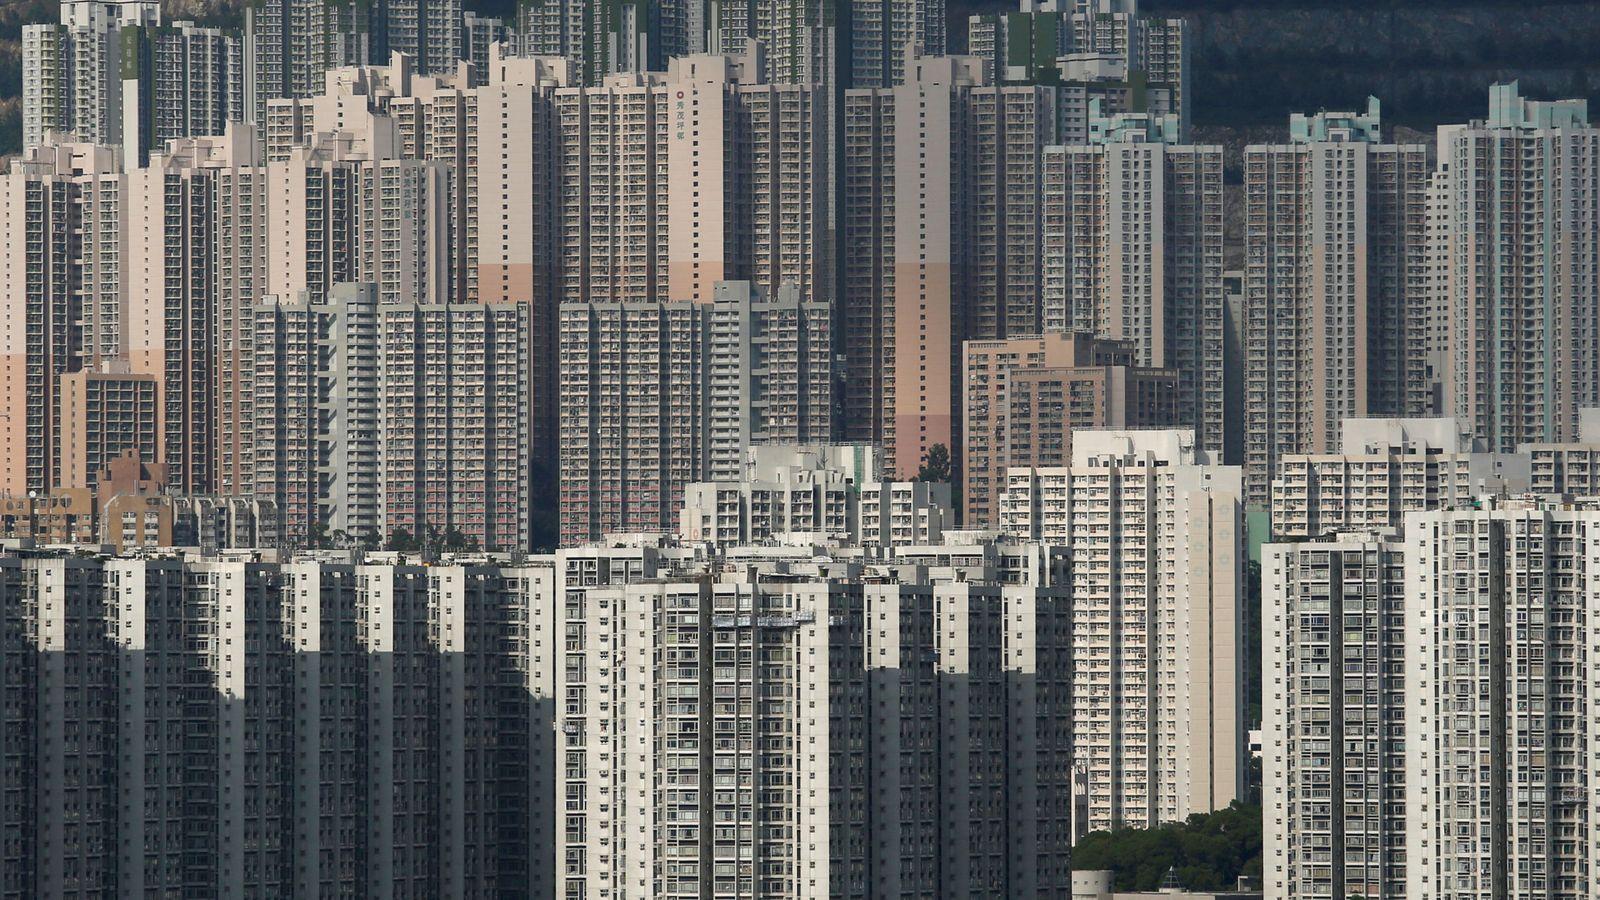 Foto: Imagen de los bloques de edificios de Hong Kong, que se han quedado cortos para albergar a tantos ciudadanos. (Reuters)